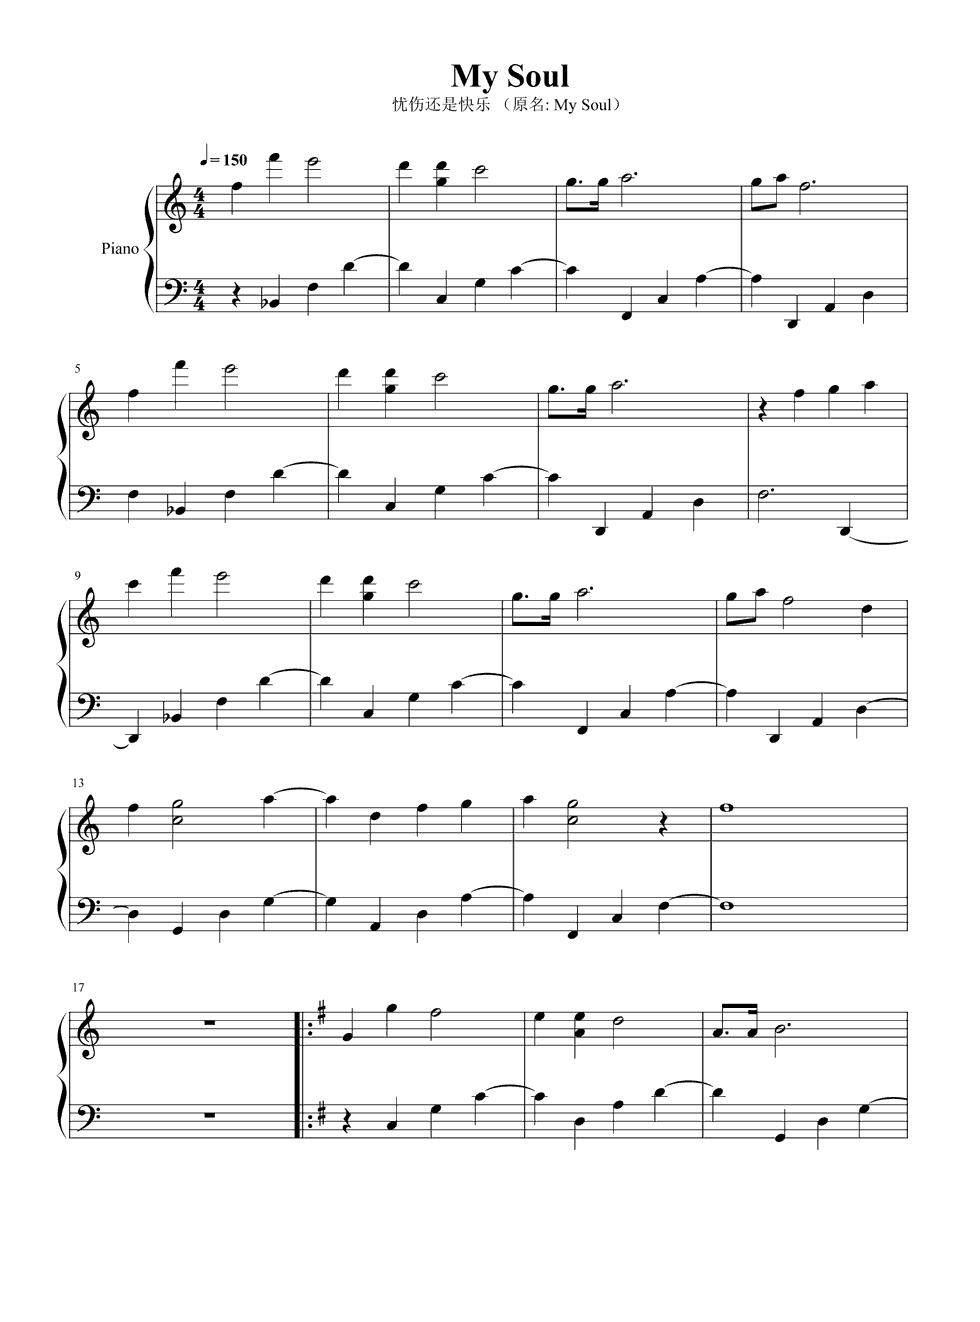 求《忧伤还是快乐》(my soul )的钢琴谱,有简谱也行.图片